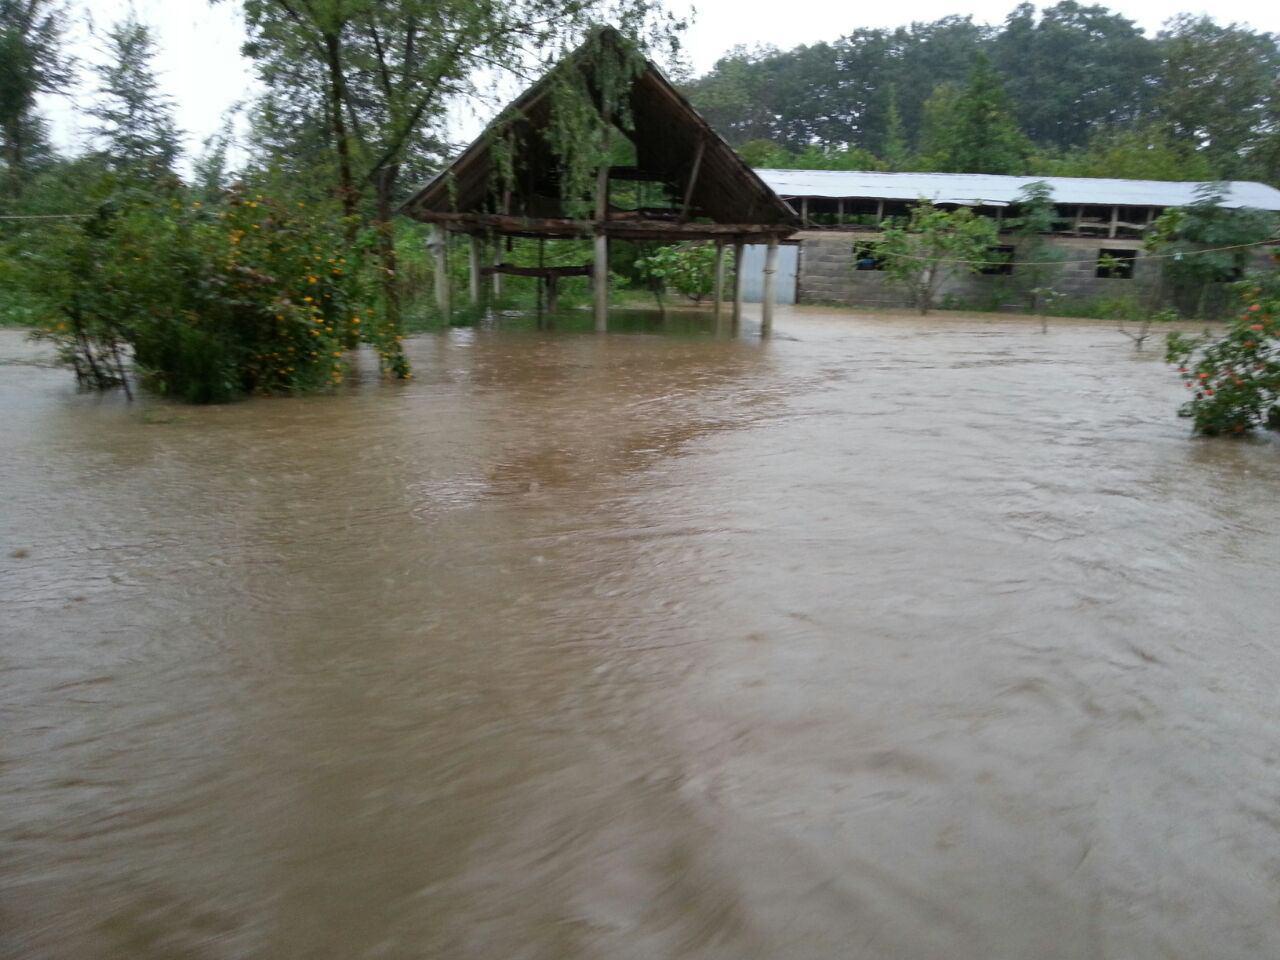 خسارات بارش شدید باران و طغیان رودخانه در گیلان